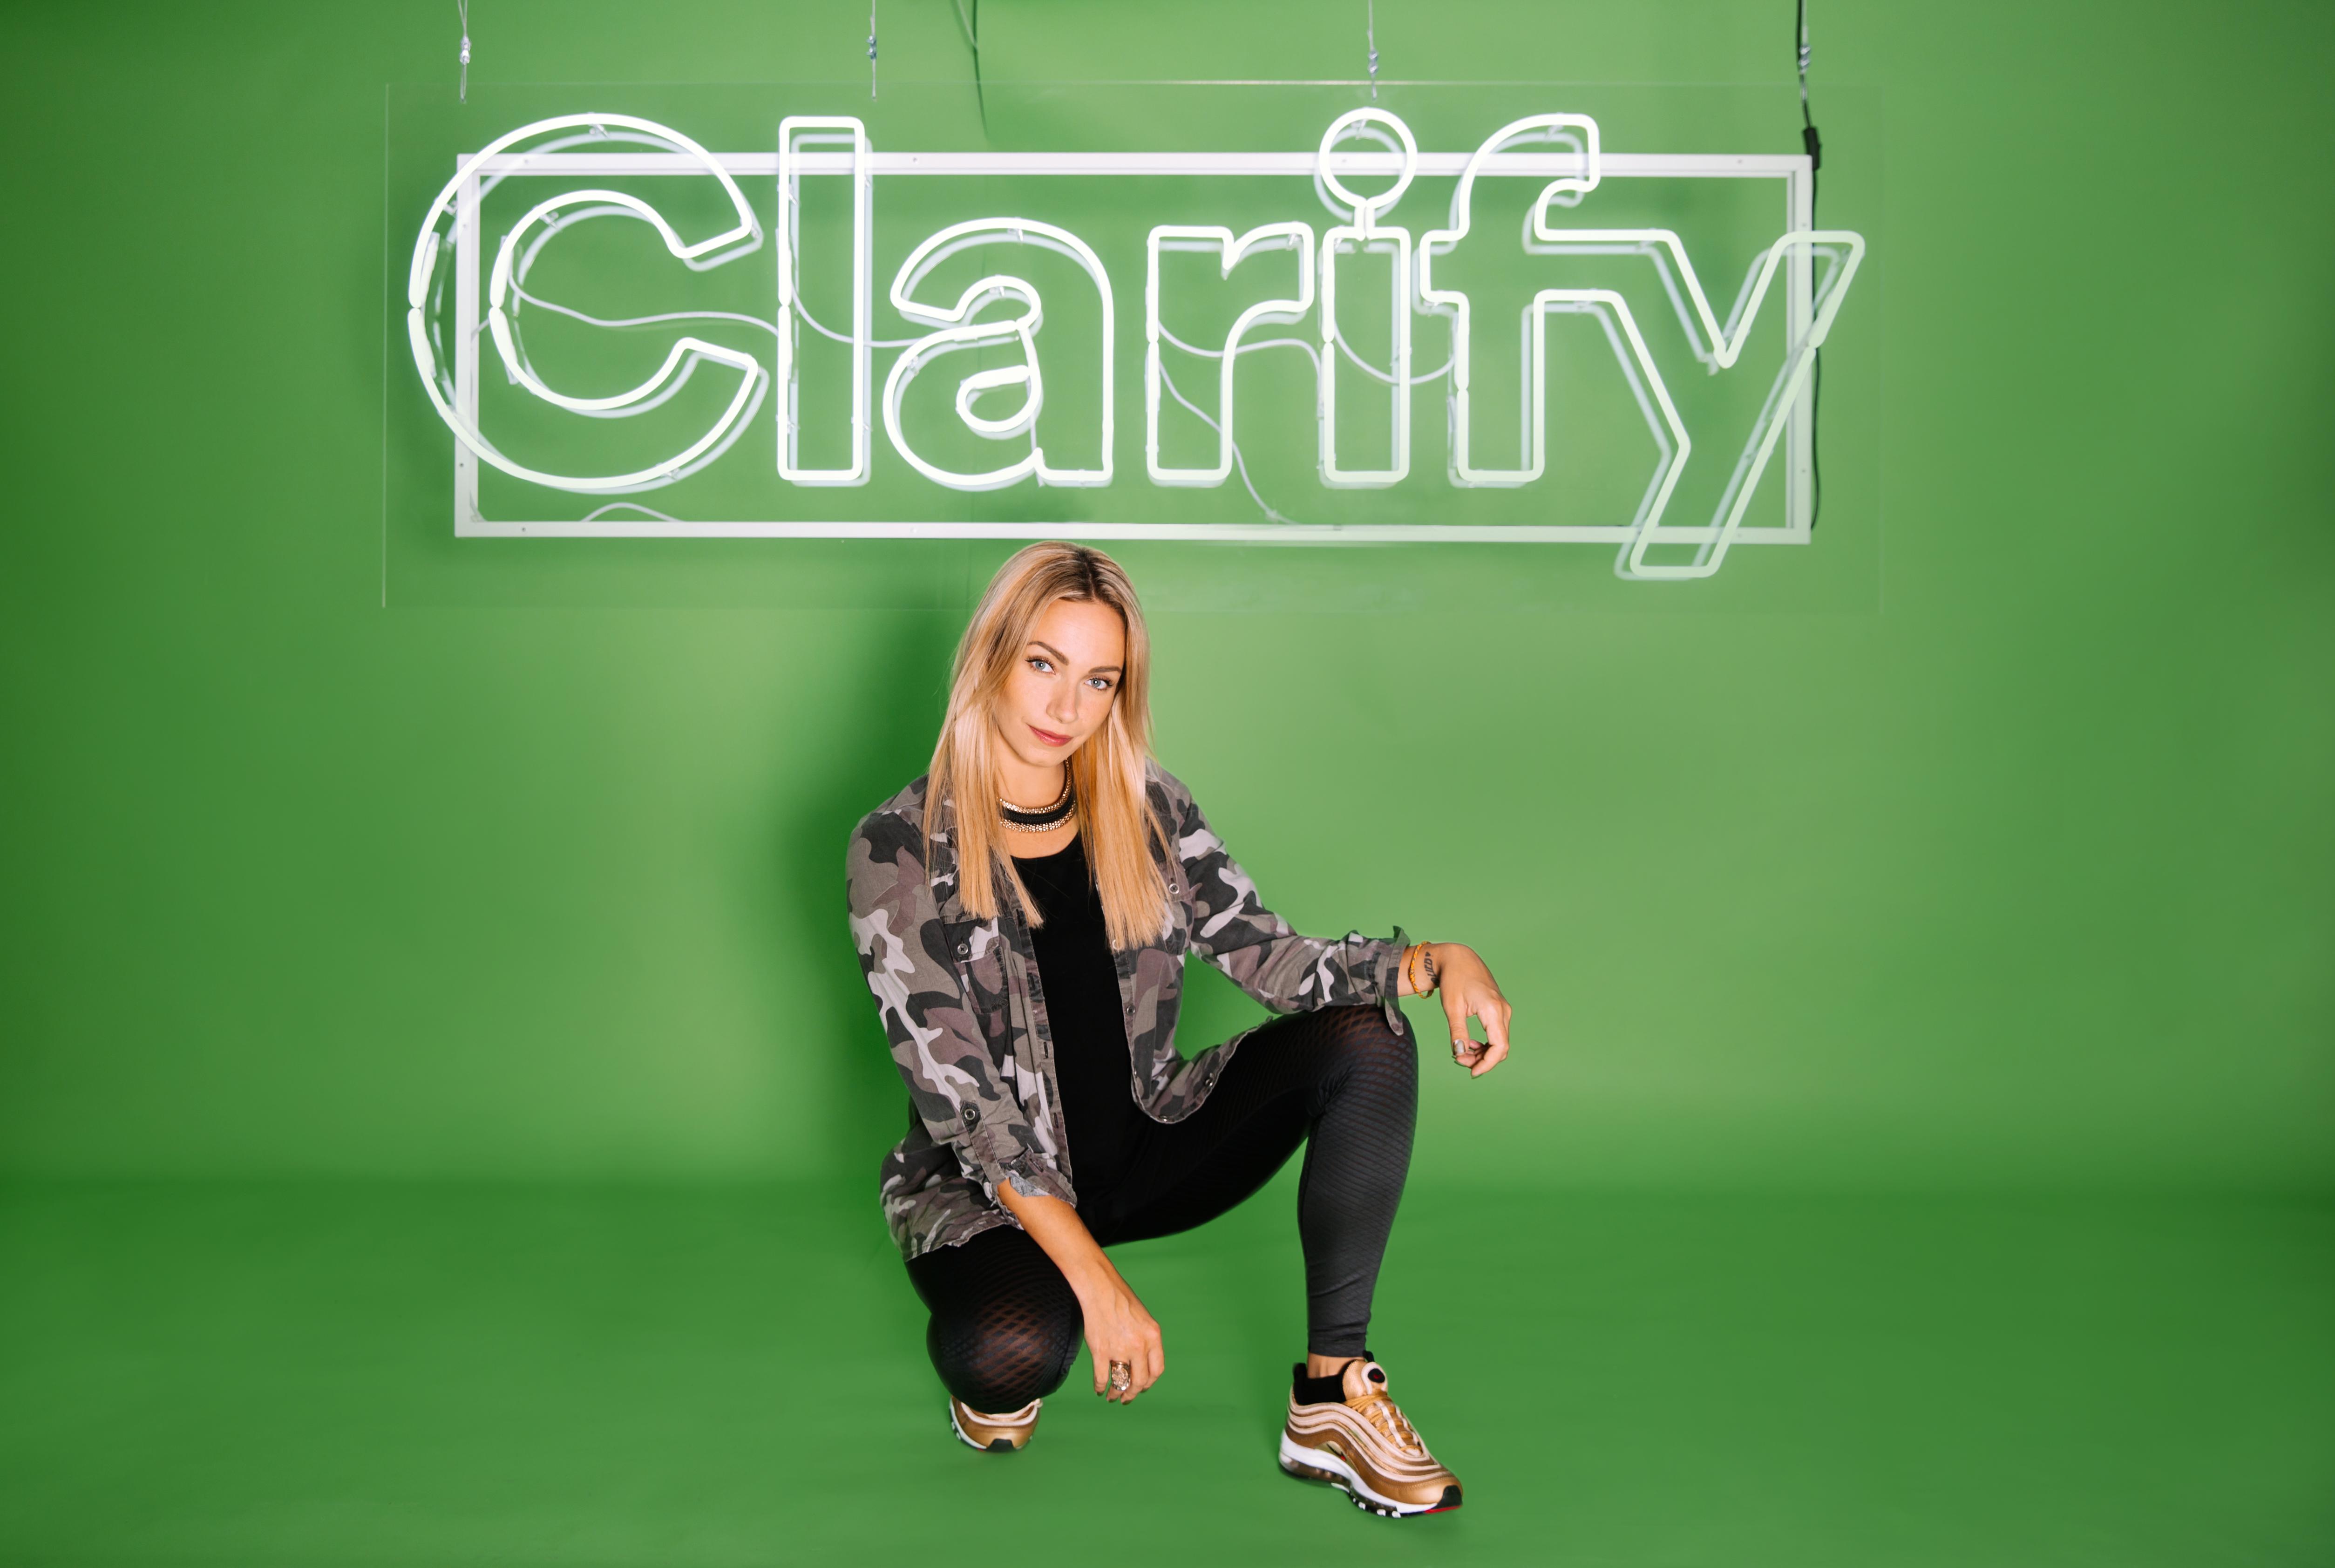 Visa Vie von Clarify_funk